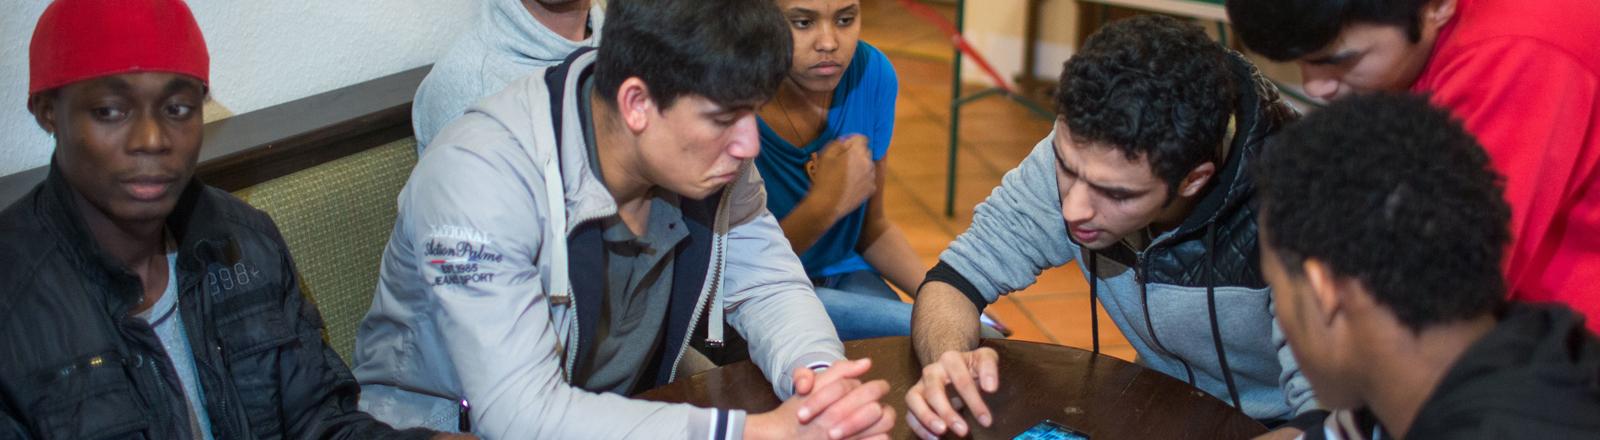 Jugendliche sitzen am 26.01.2015 im Kinder- und Jugendwohnheim «Boizehaus»